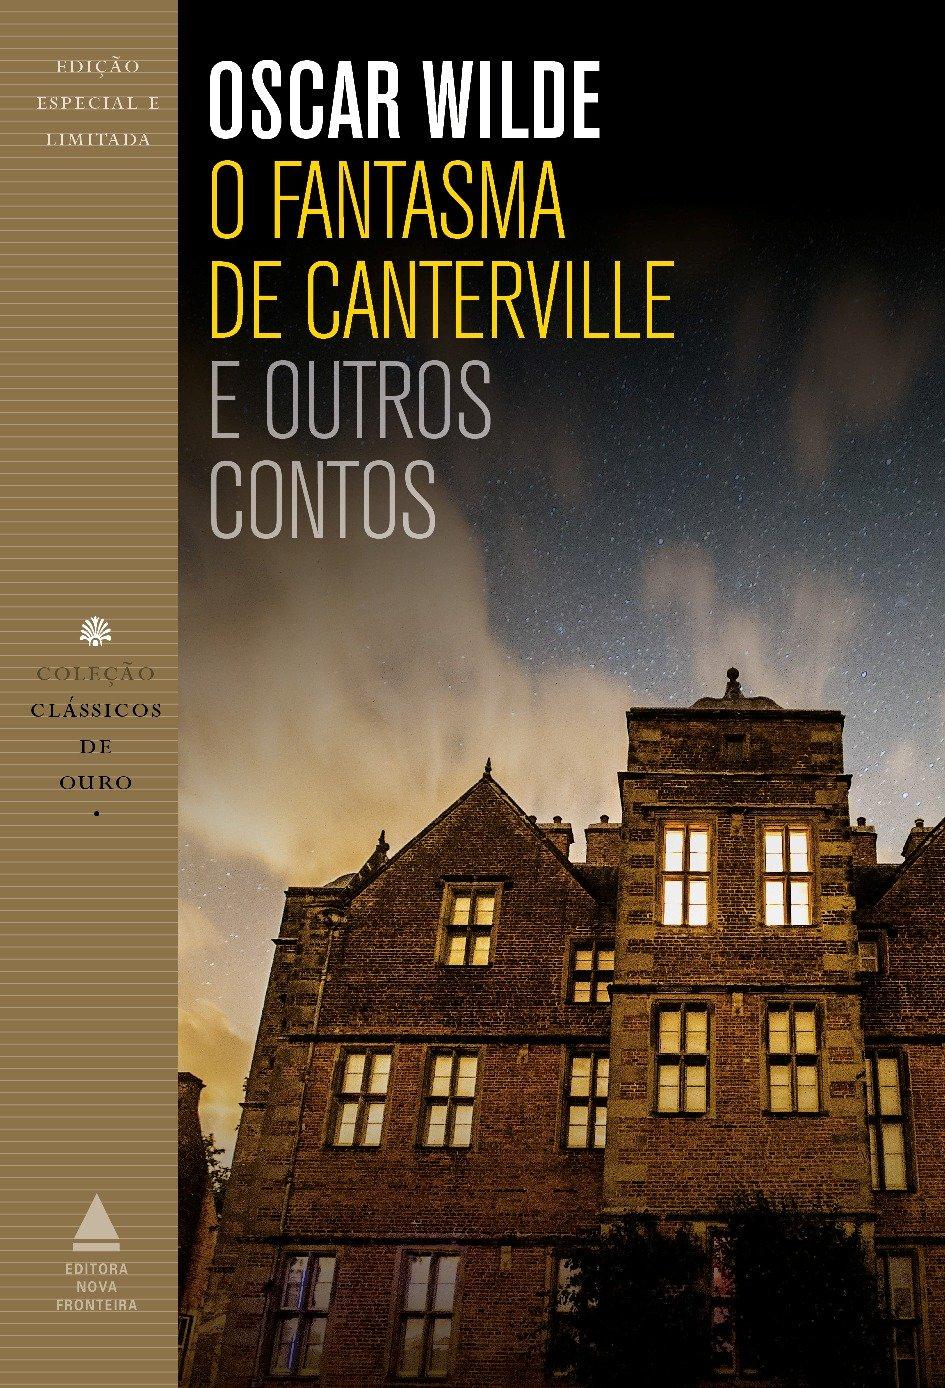 Livros na Amazon.com.br: Livros clássicos da literatura